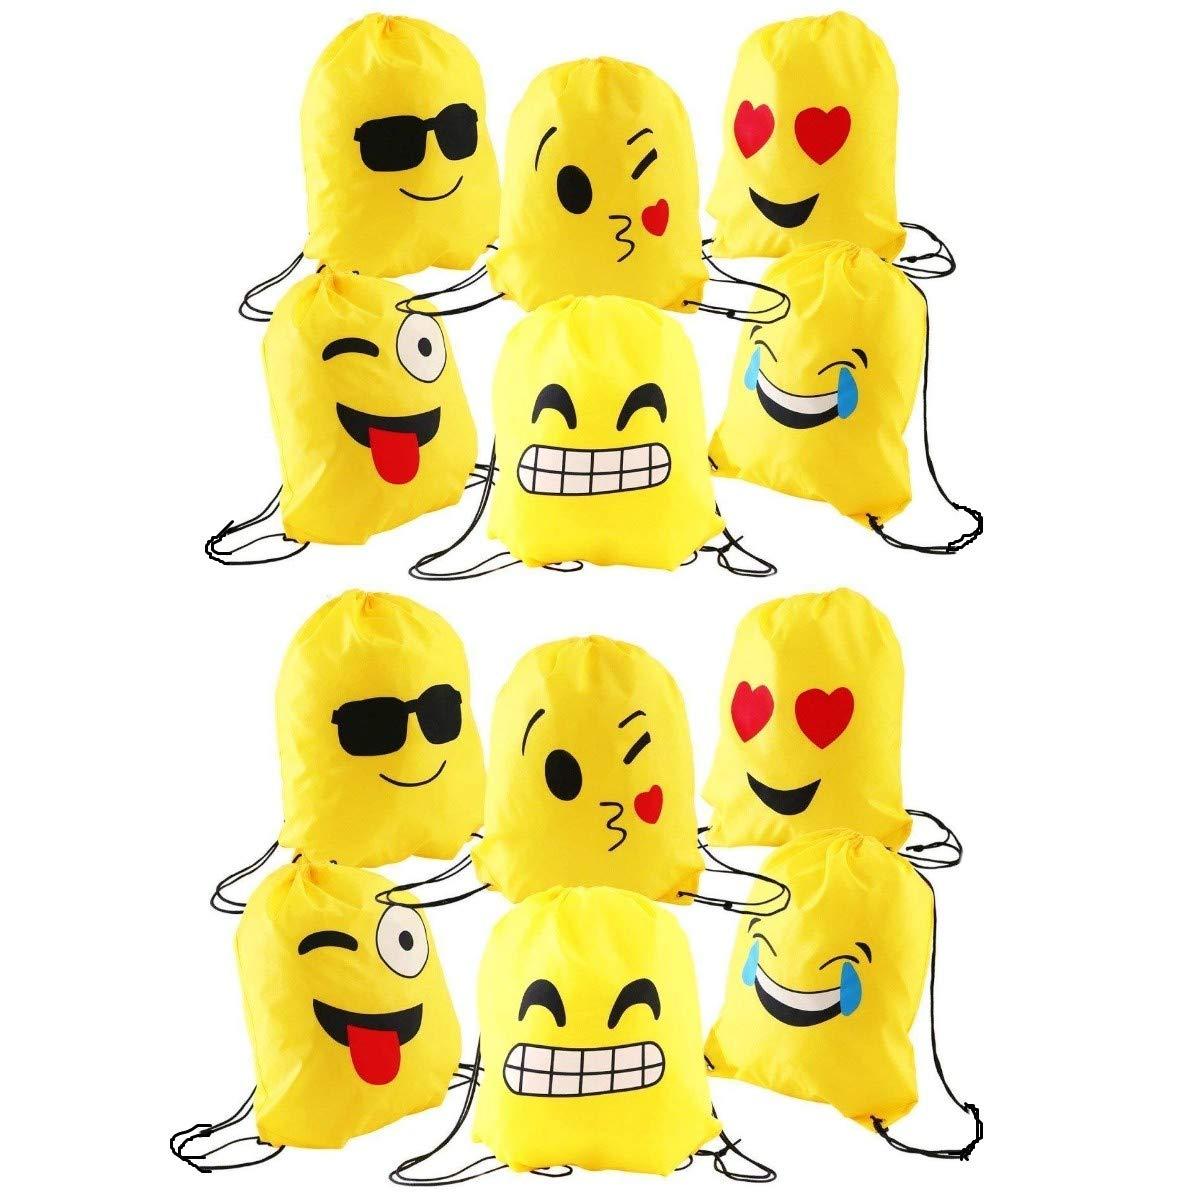 buena reputación descuento mejor valorado productos de calidad JZK 12pcs Encantador Emoji cordón Dibujos Animados Mochila Bolsas PE para  cumpleaños niños y Adultos la Fiesta favorece la Bolsa, Rellenos Bolsas ...